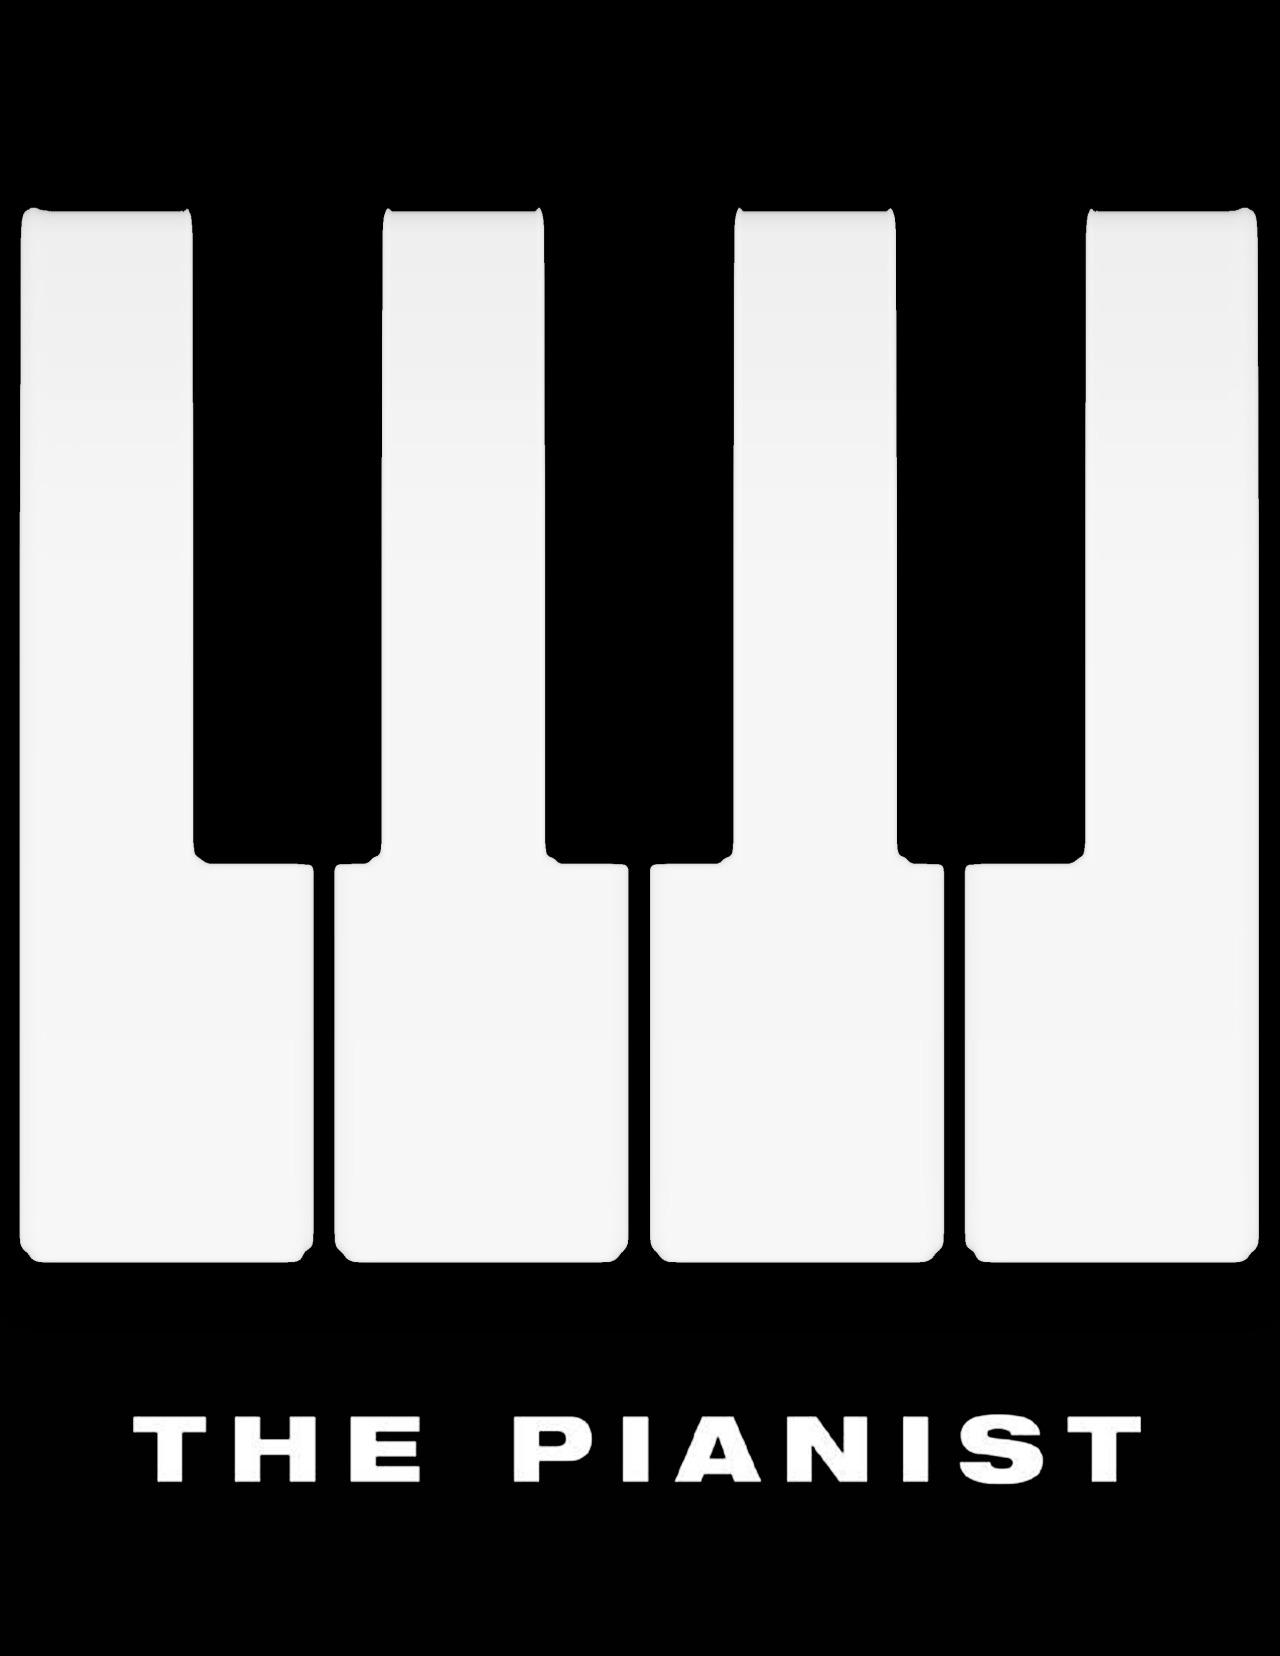 Пианист, Роман Полански